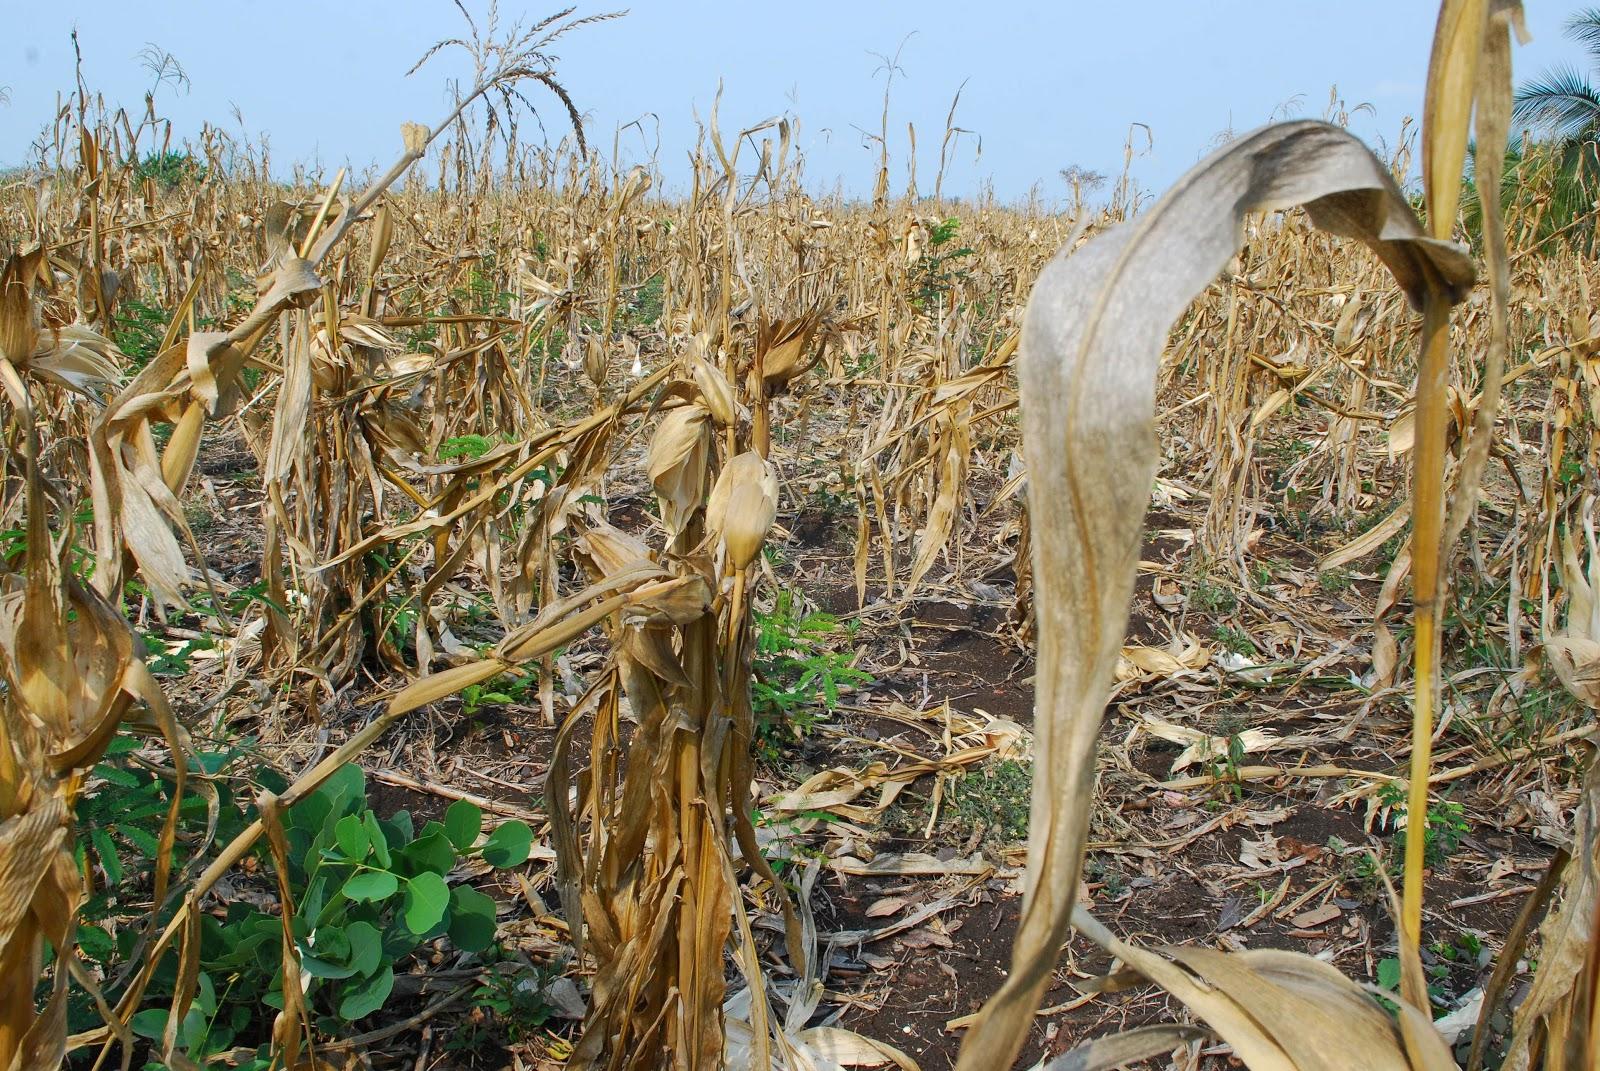 Presentan proyecto para incluir a La Pampa  dentro del régimen promocional destinado a incrementar la producción agropecuaria en tierras rurales consideradas como de baja productividad